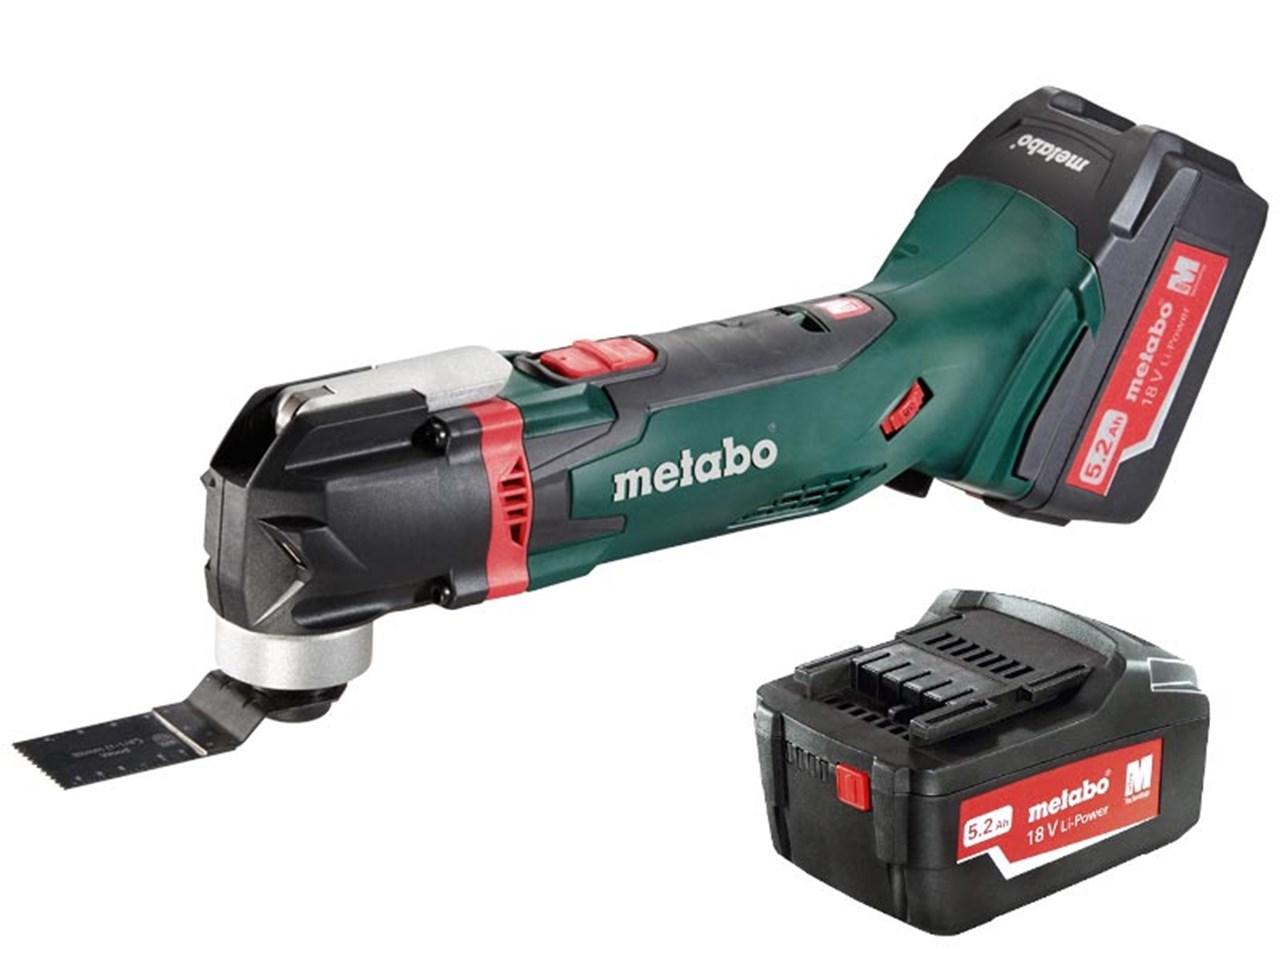 metabo mt18ltx 18v cordless multi-tool 2 x 5.2ah li-ion